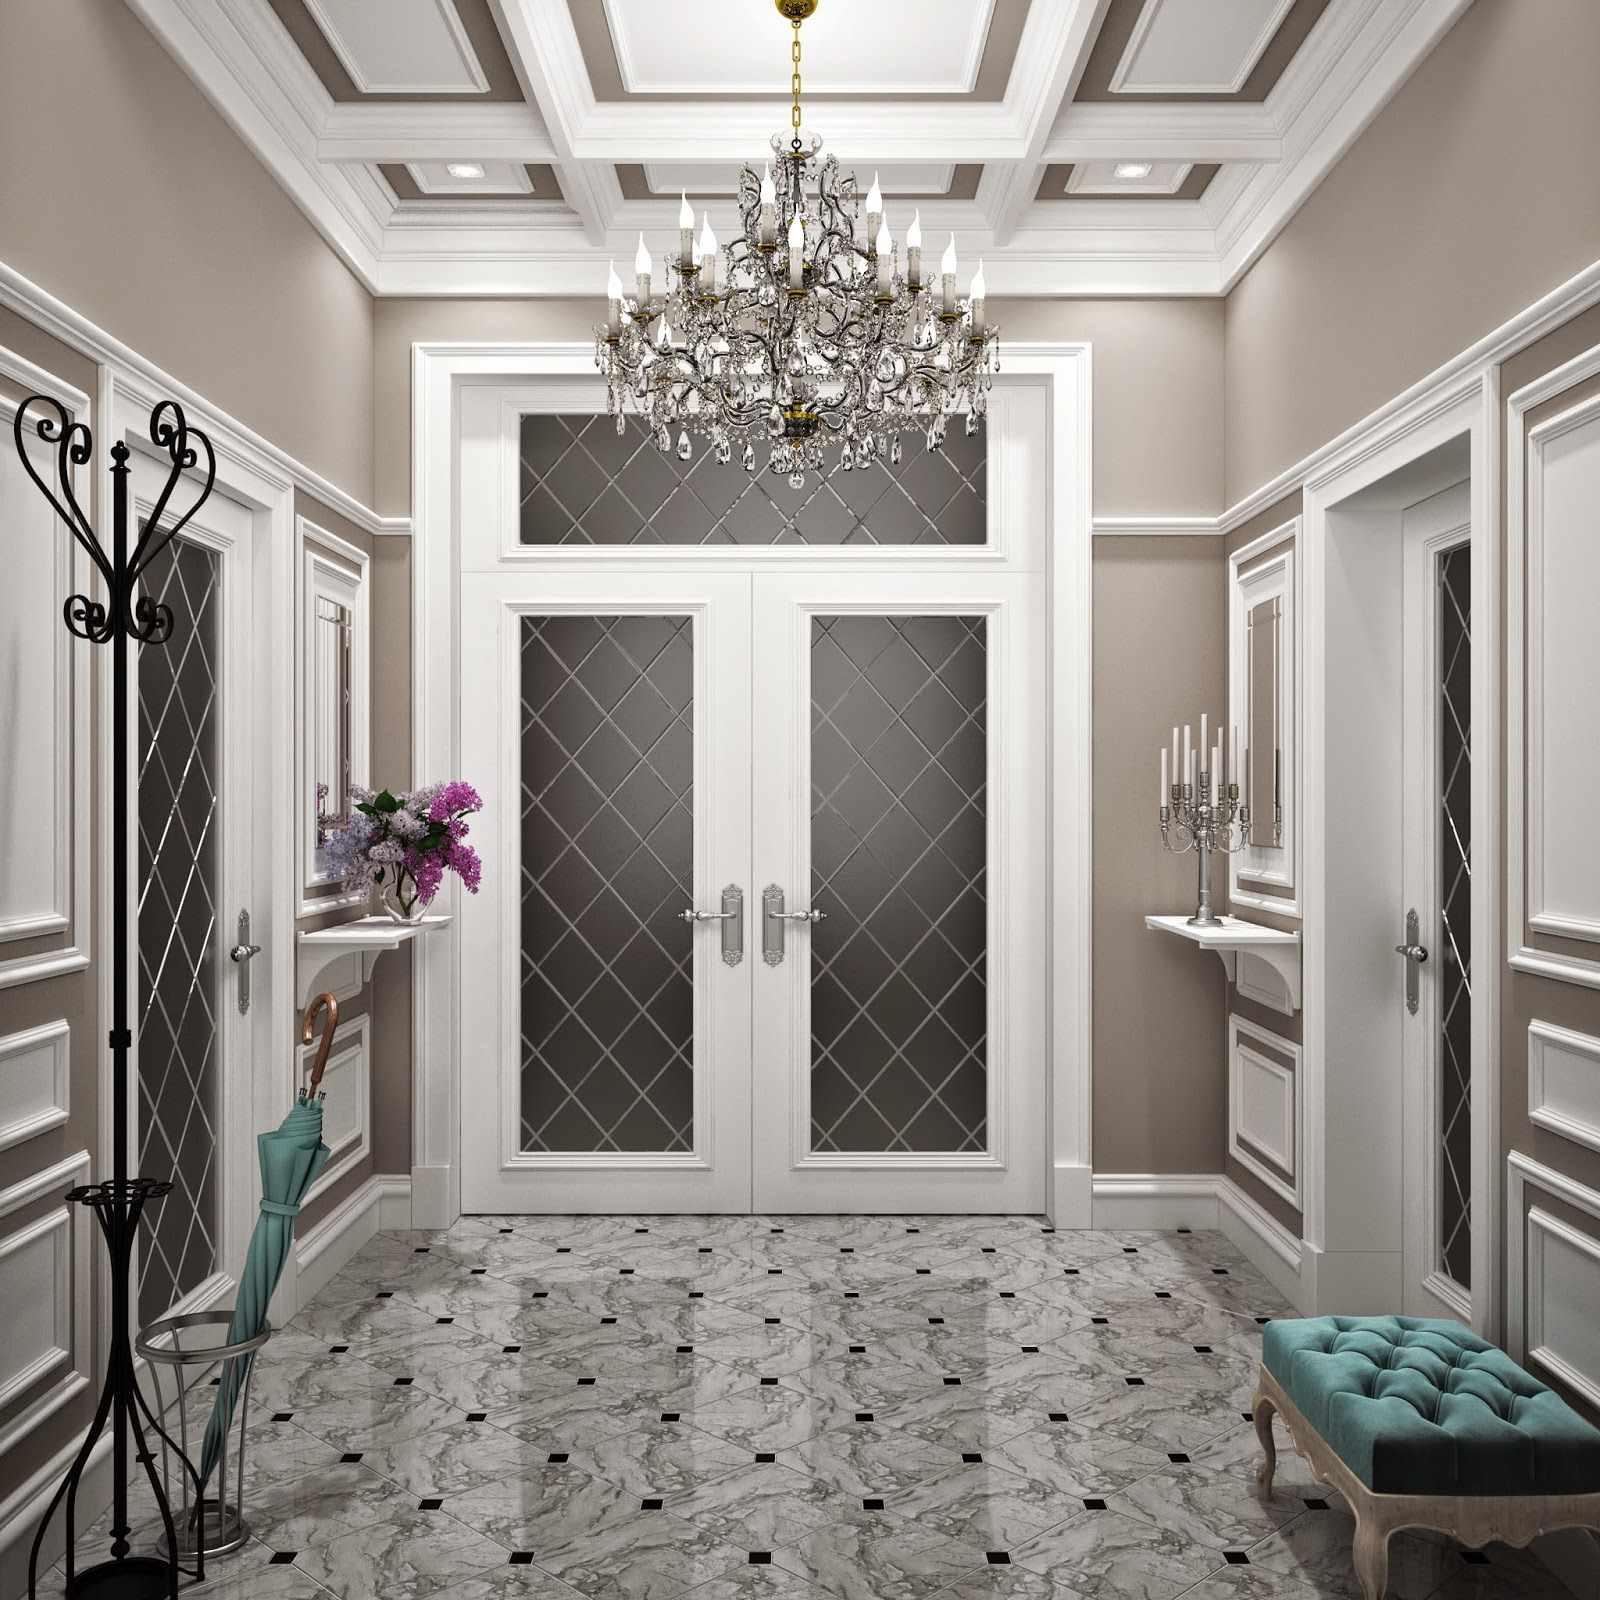 l'idée d'un couloir intérieur insolite dans une maison privée